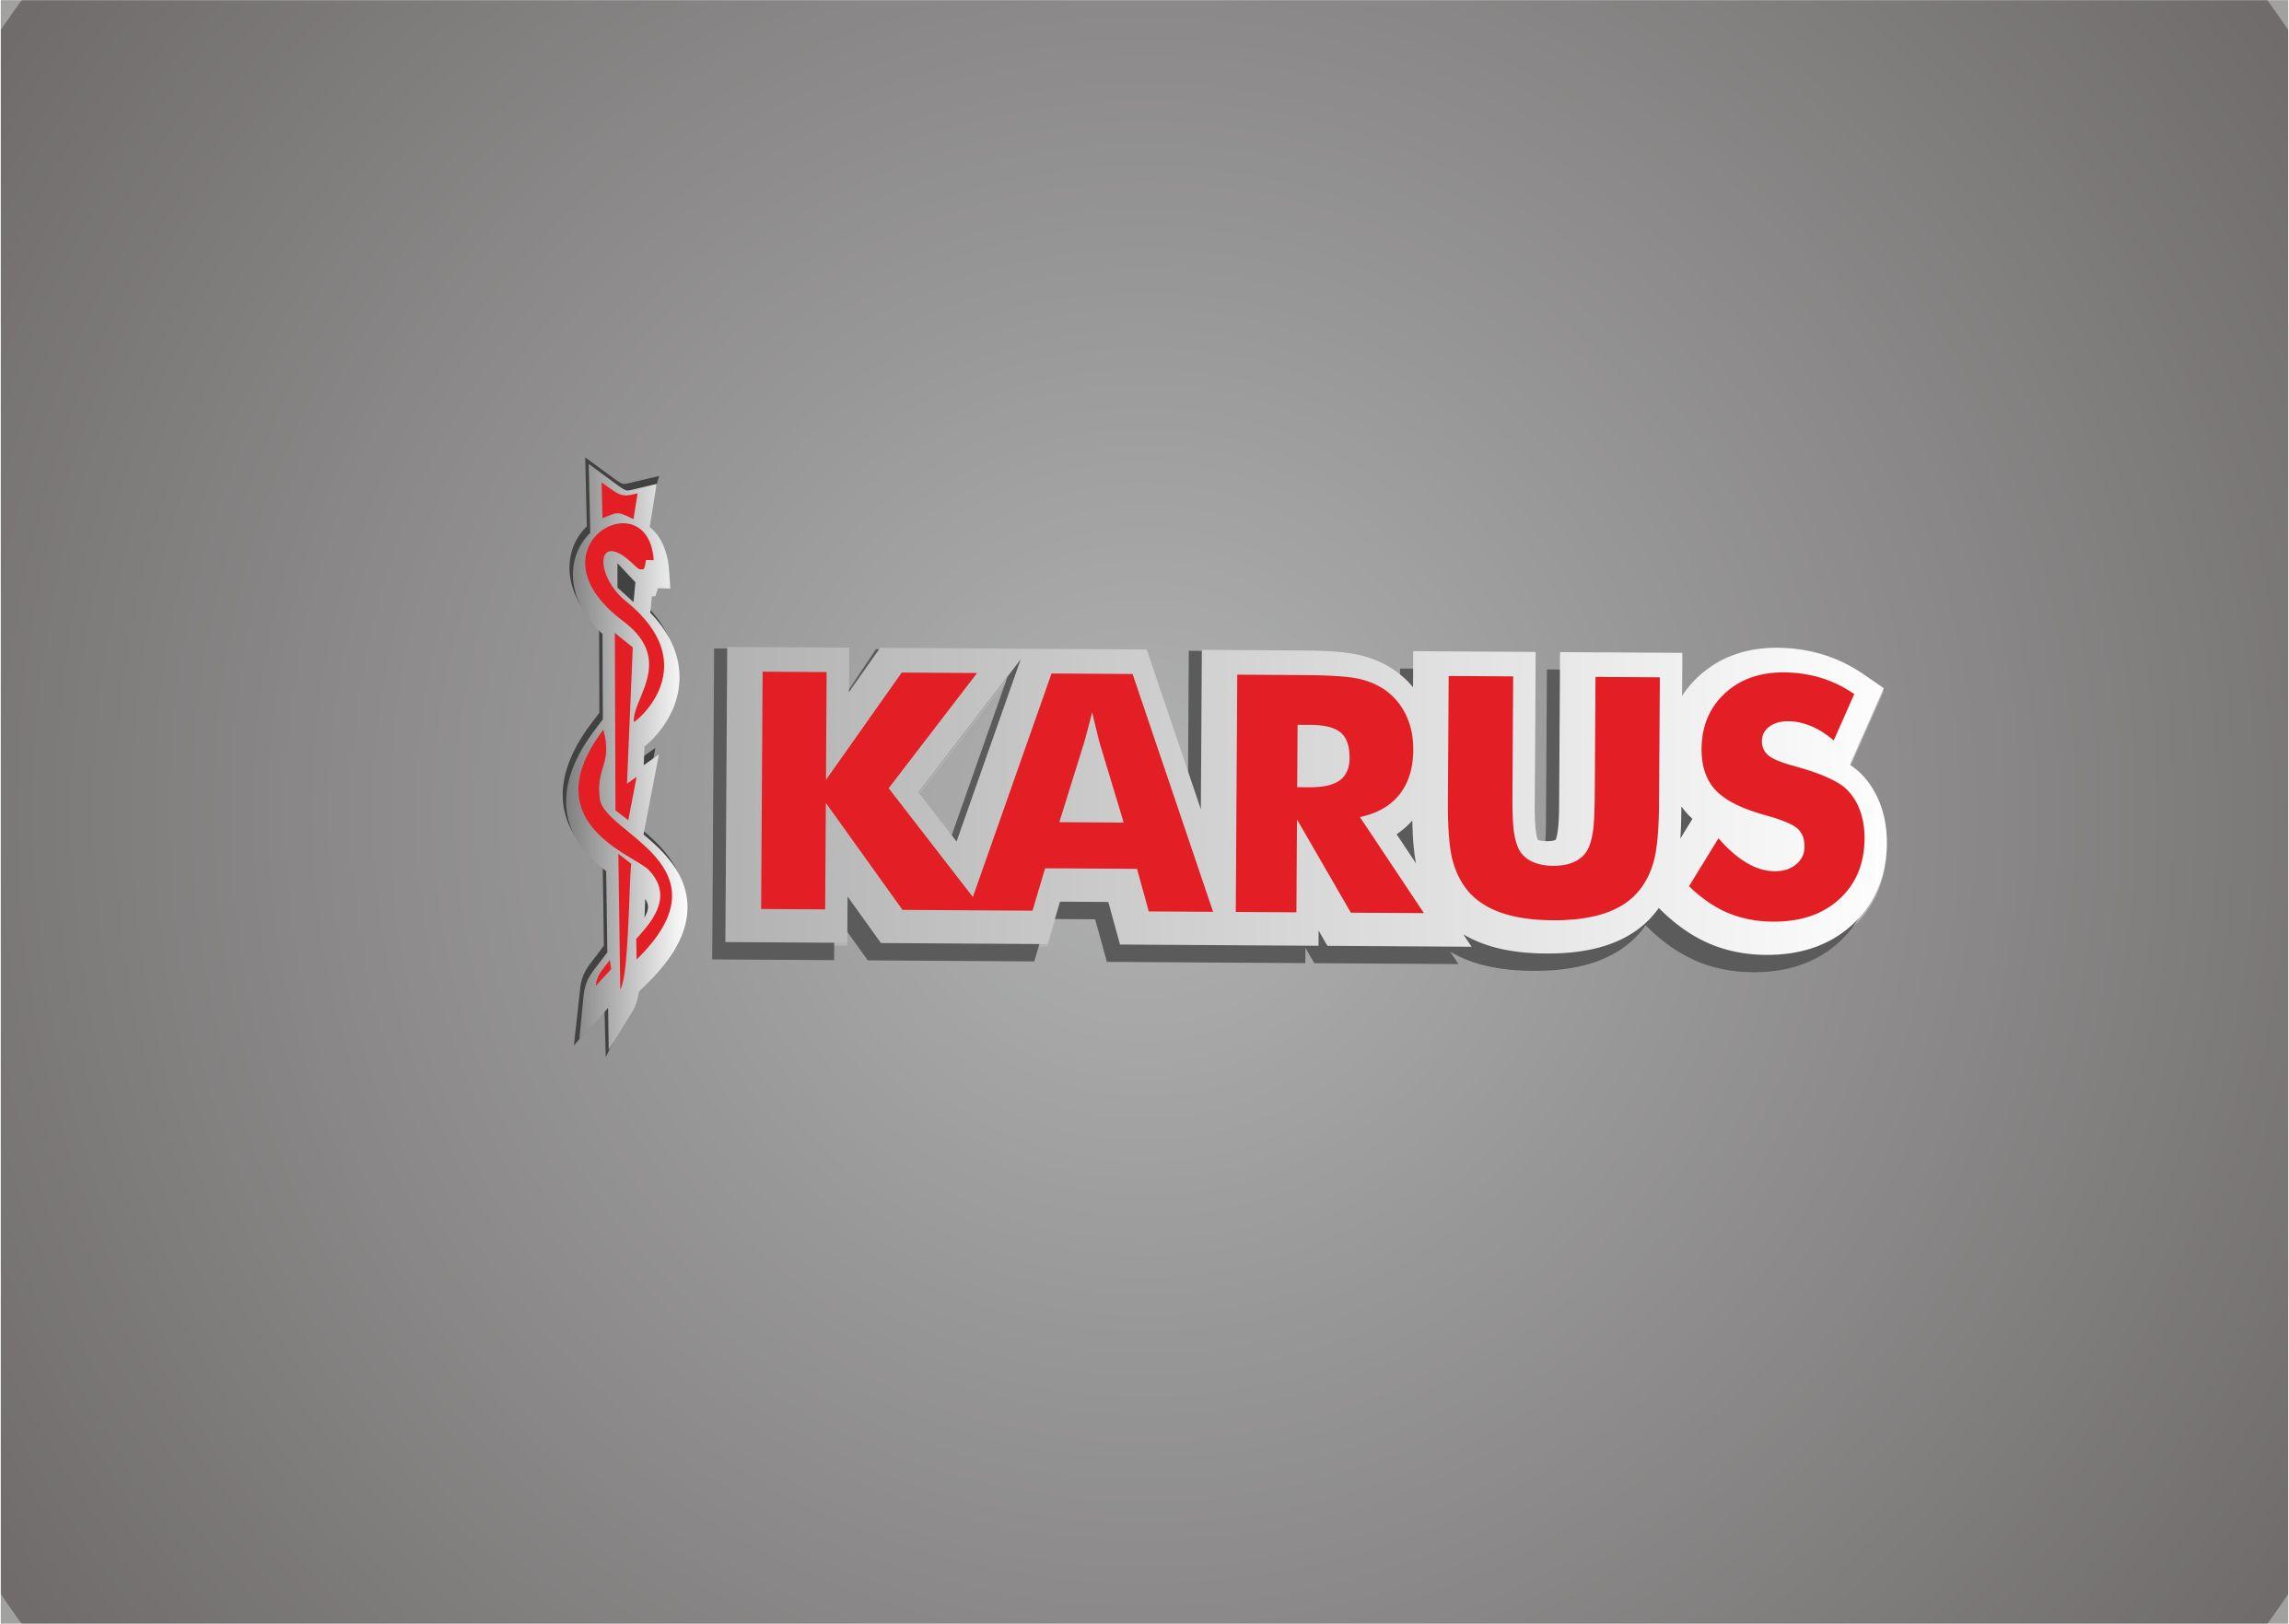 Разработка логотипа, фирменных цветов и фирменного знака фото f_8255353f678e519a.jpg